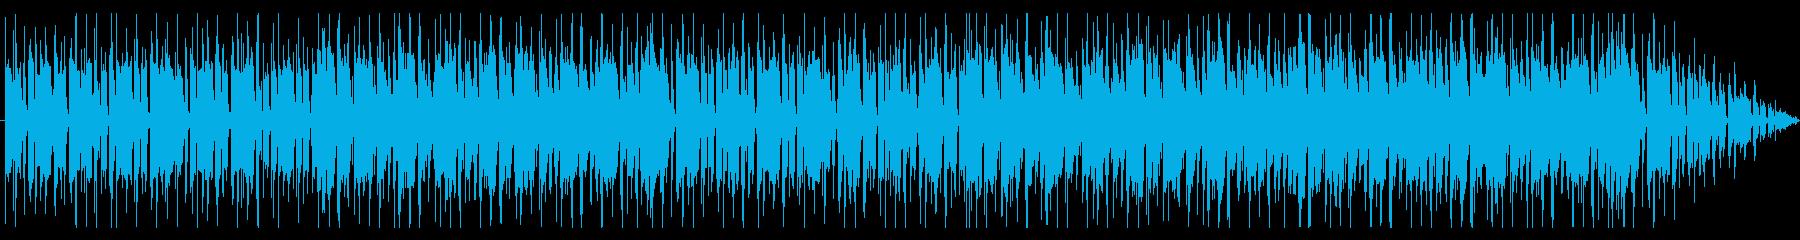 スラップベースが印象的なおしゃれBGMの再生済みの波形